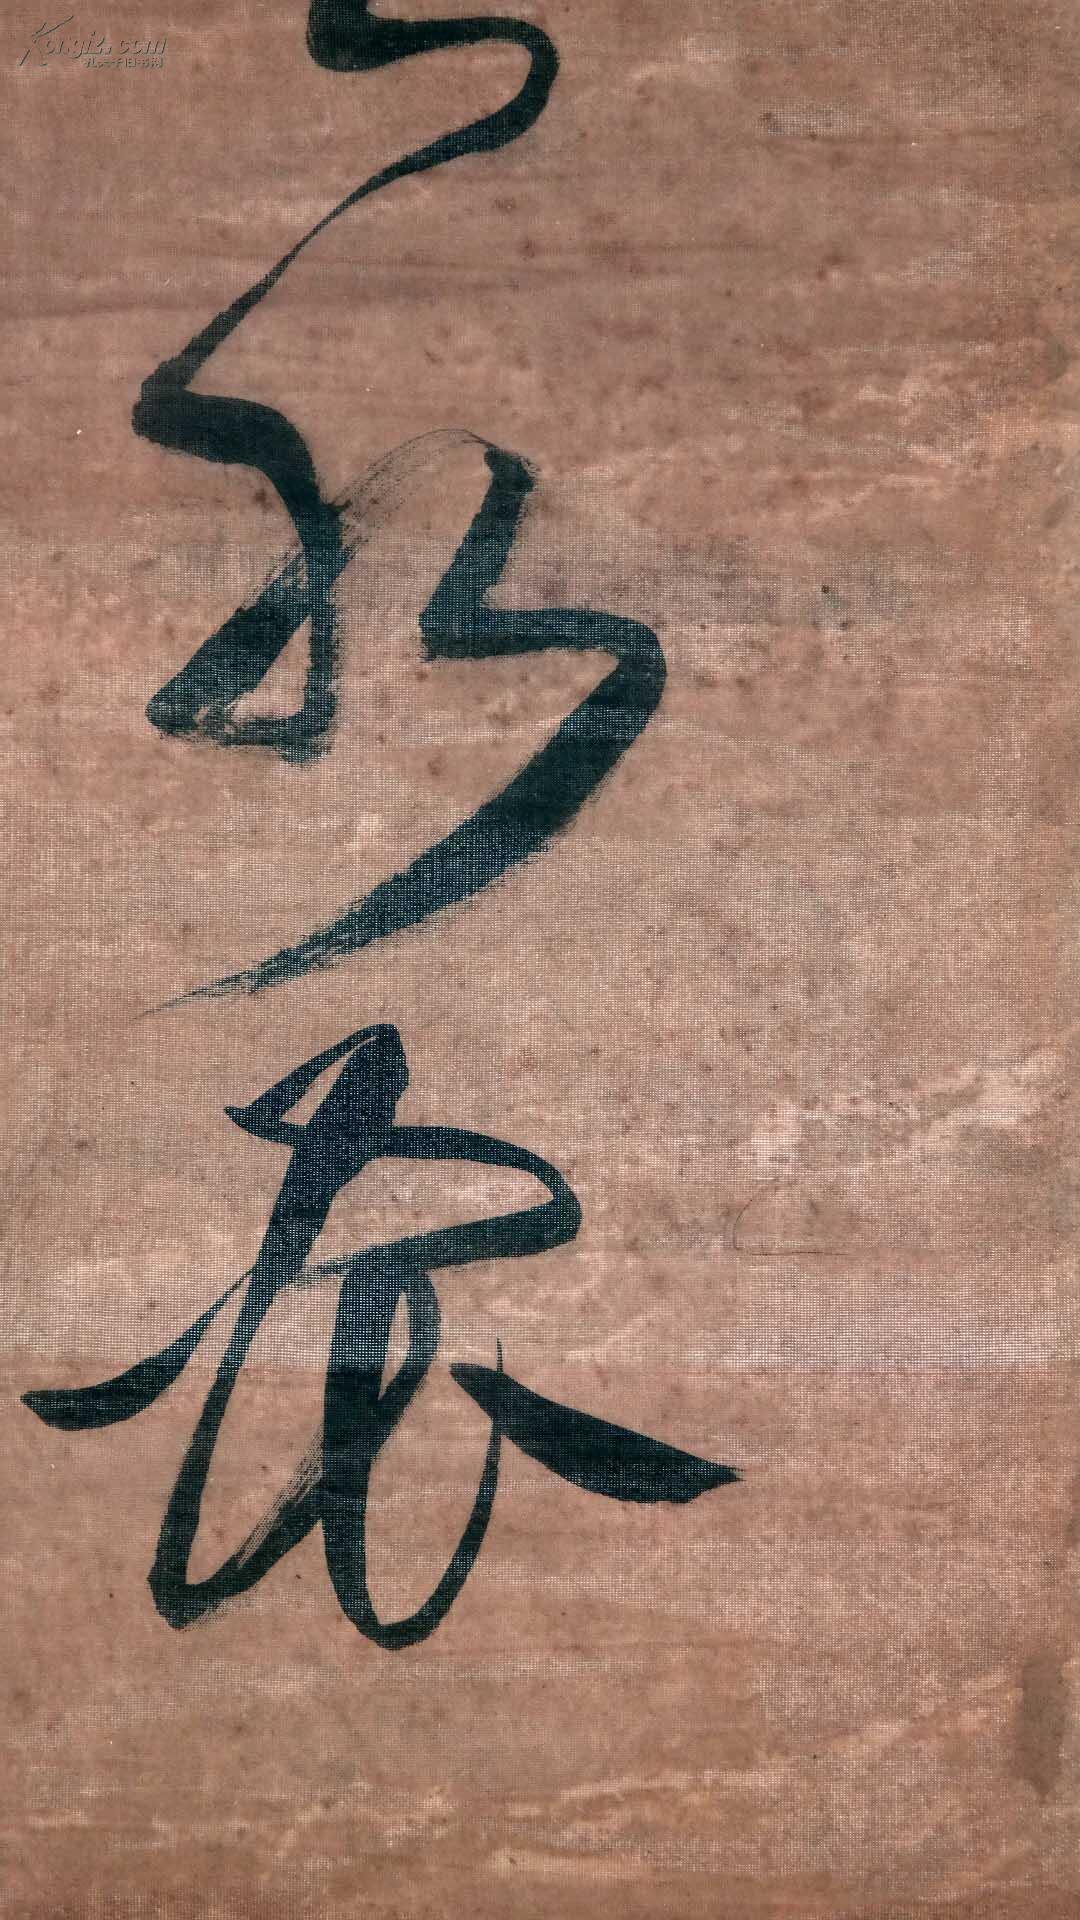 【图】明代书画家,吏部尚书◆黄道周《老绢本行草图片